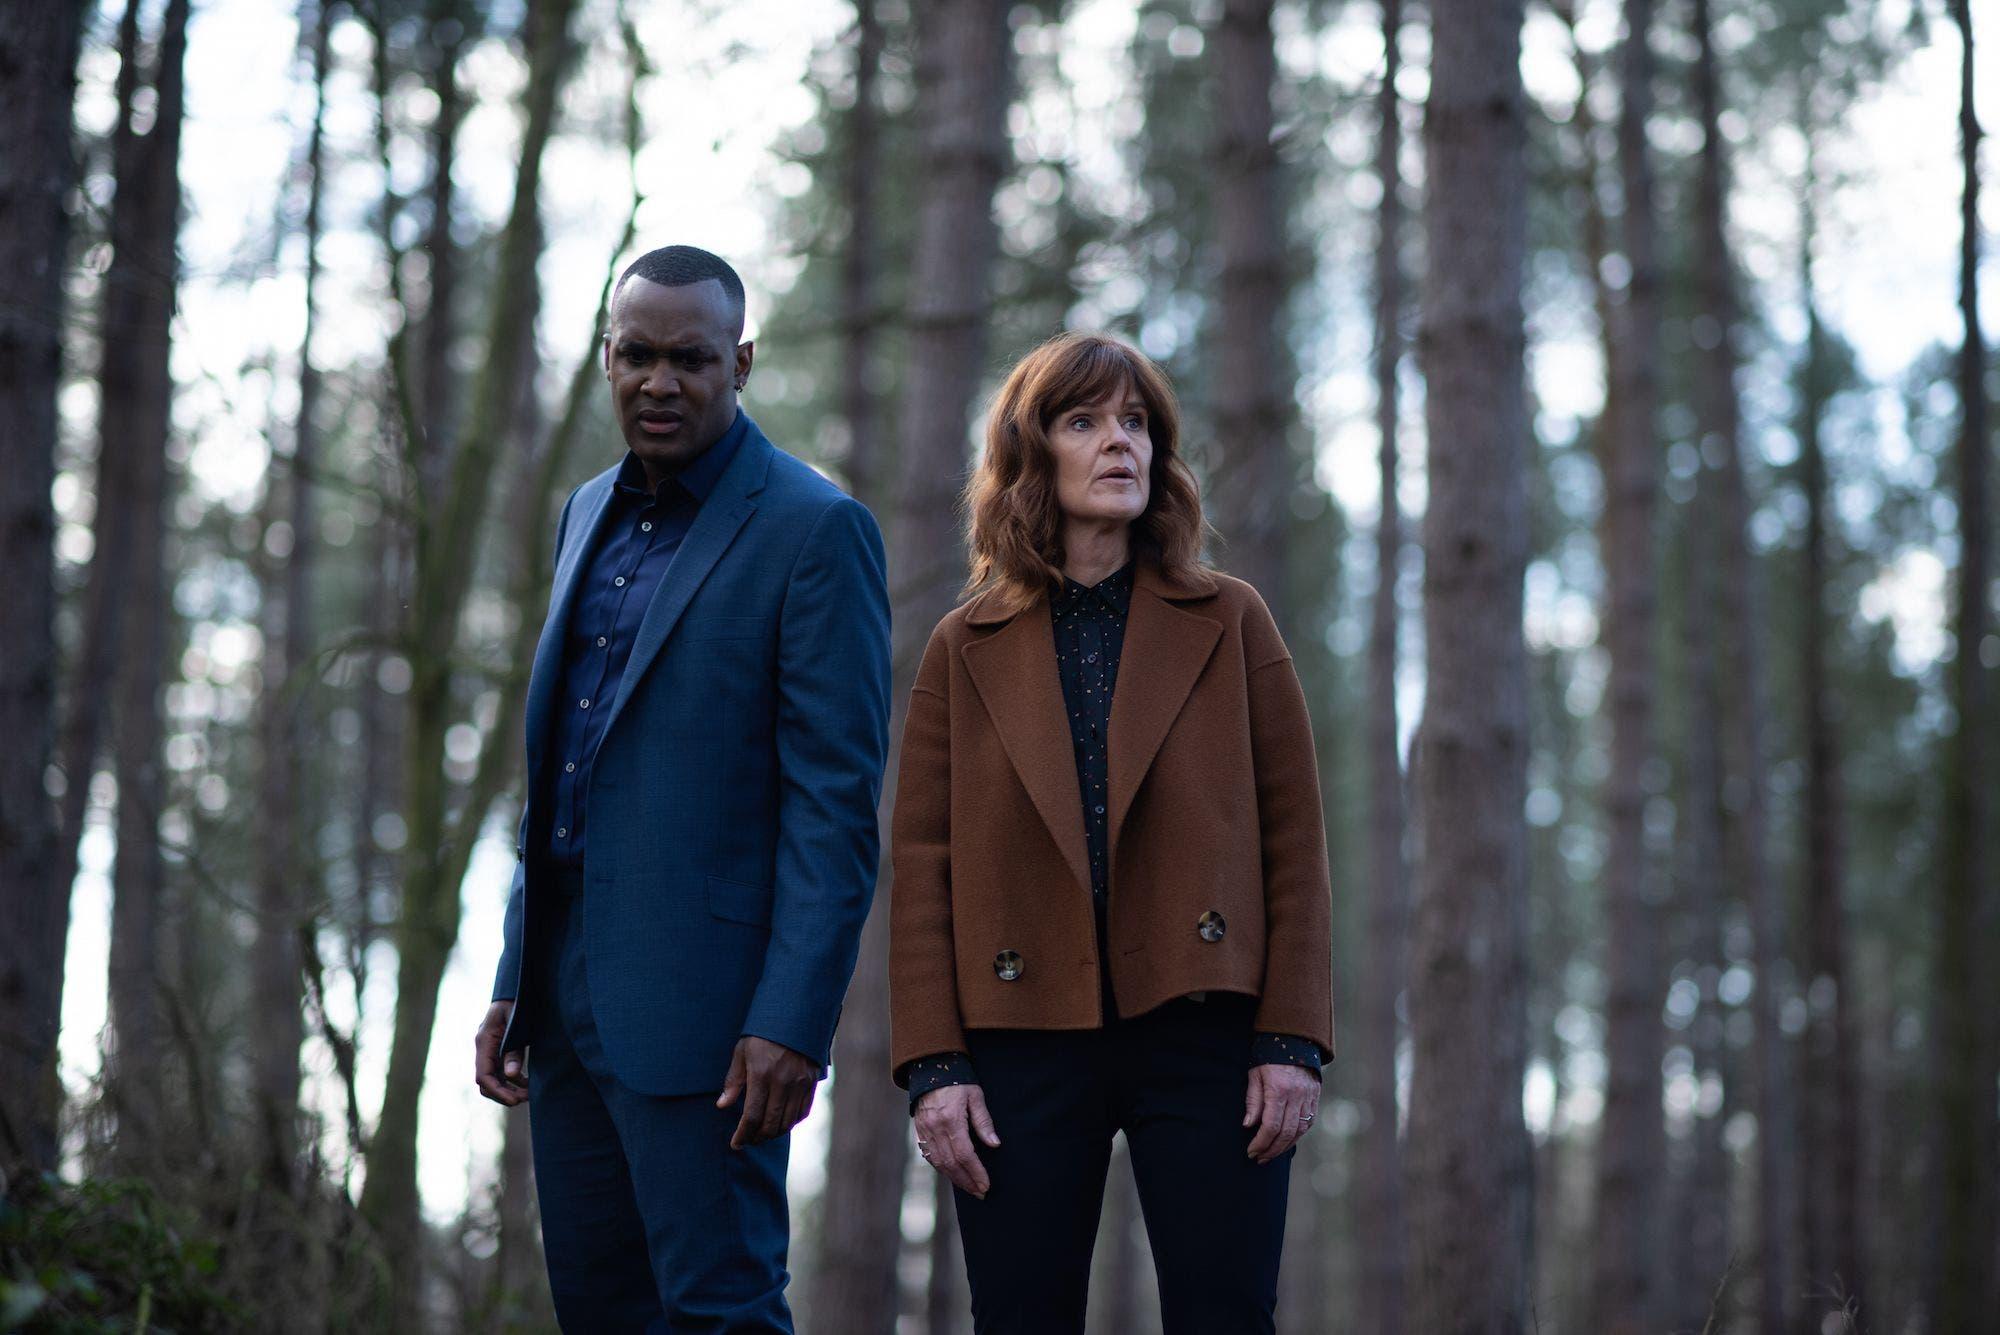 NEU: The Stranger (2020–) Ein totes Alpaka in der Stadt, ein schwer verletzter Junge im Wald und eine Fremde, die Geheimnisse ausplaudert. Die in England spielende Miniserie beginnt vielversprechend.